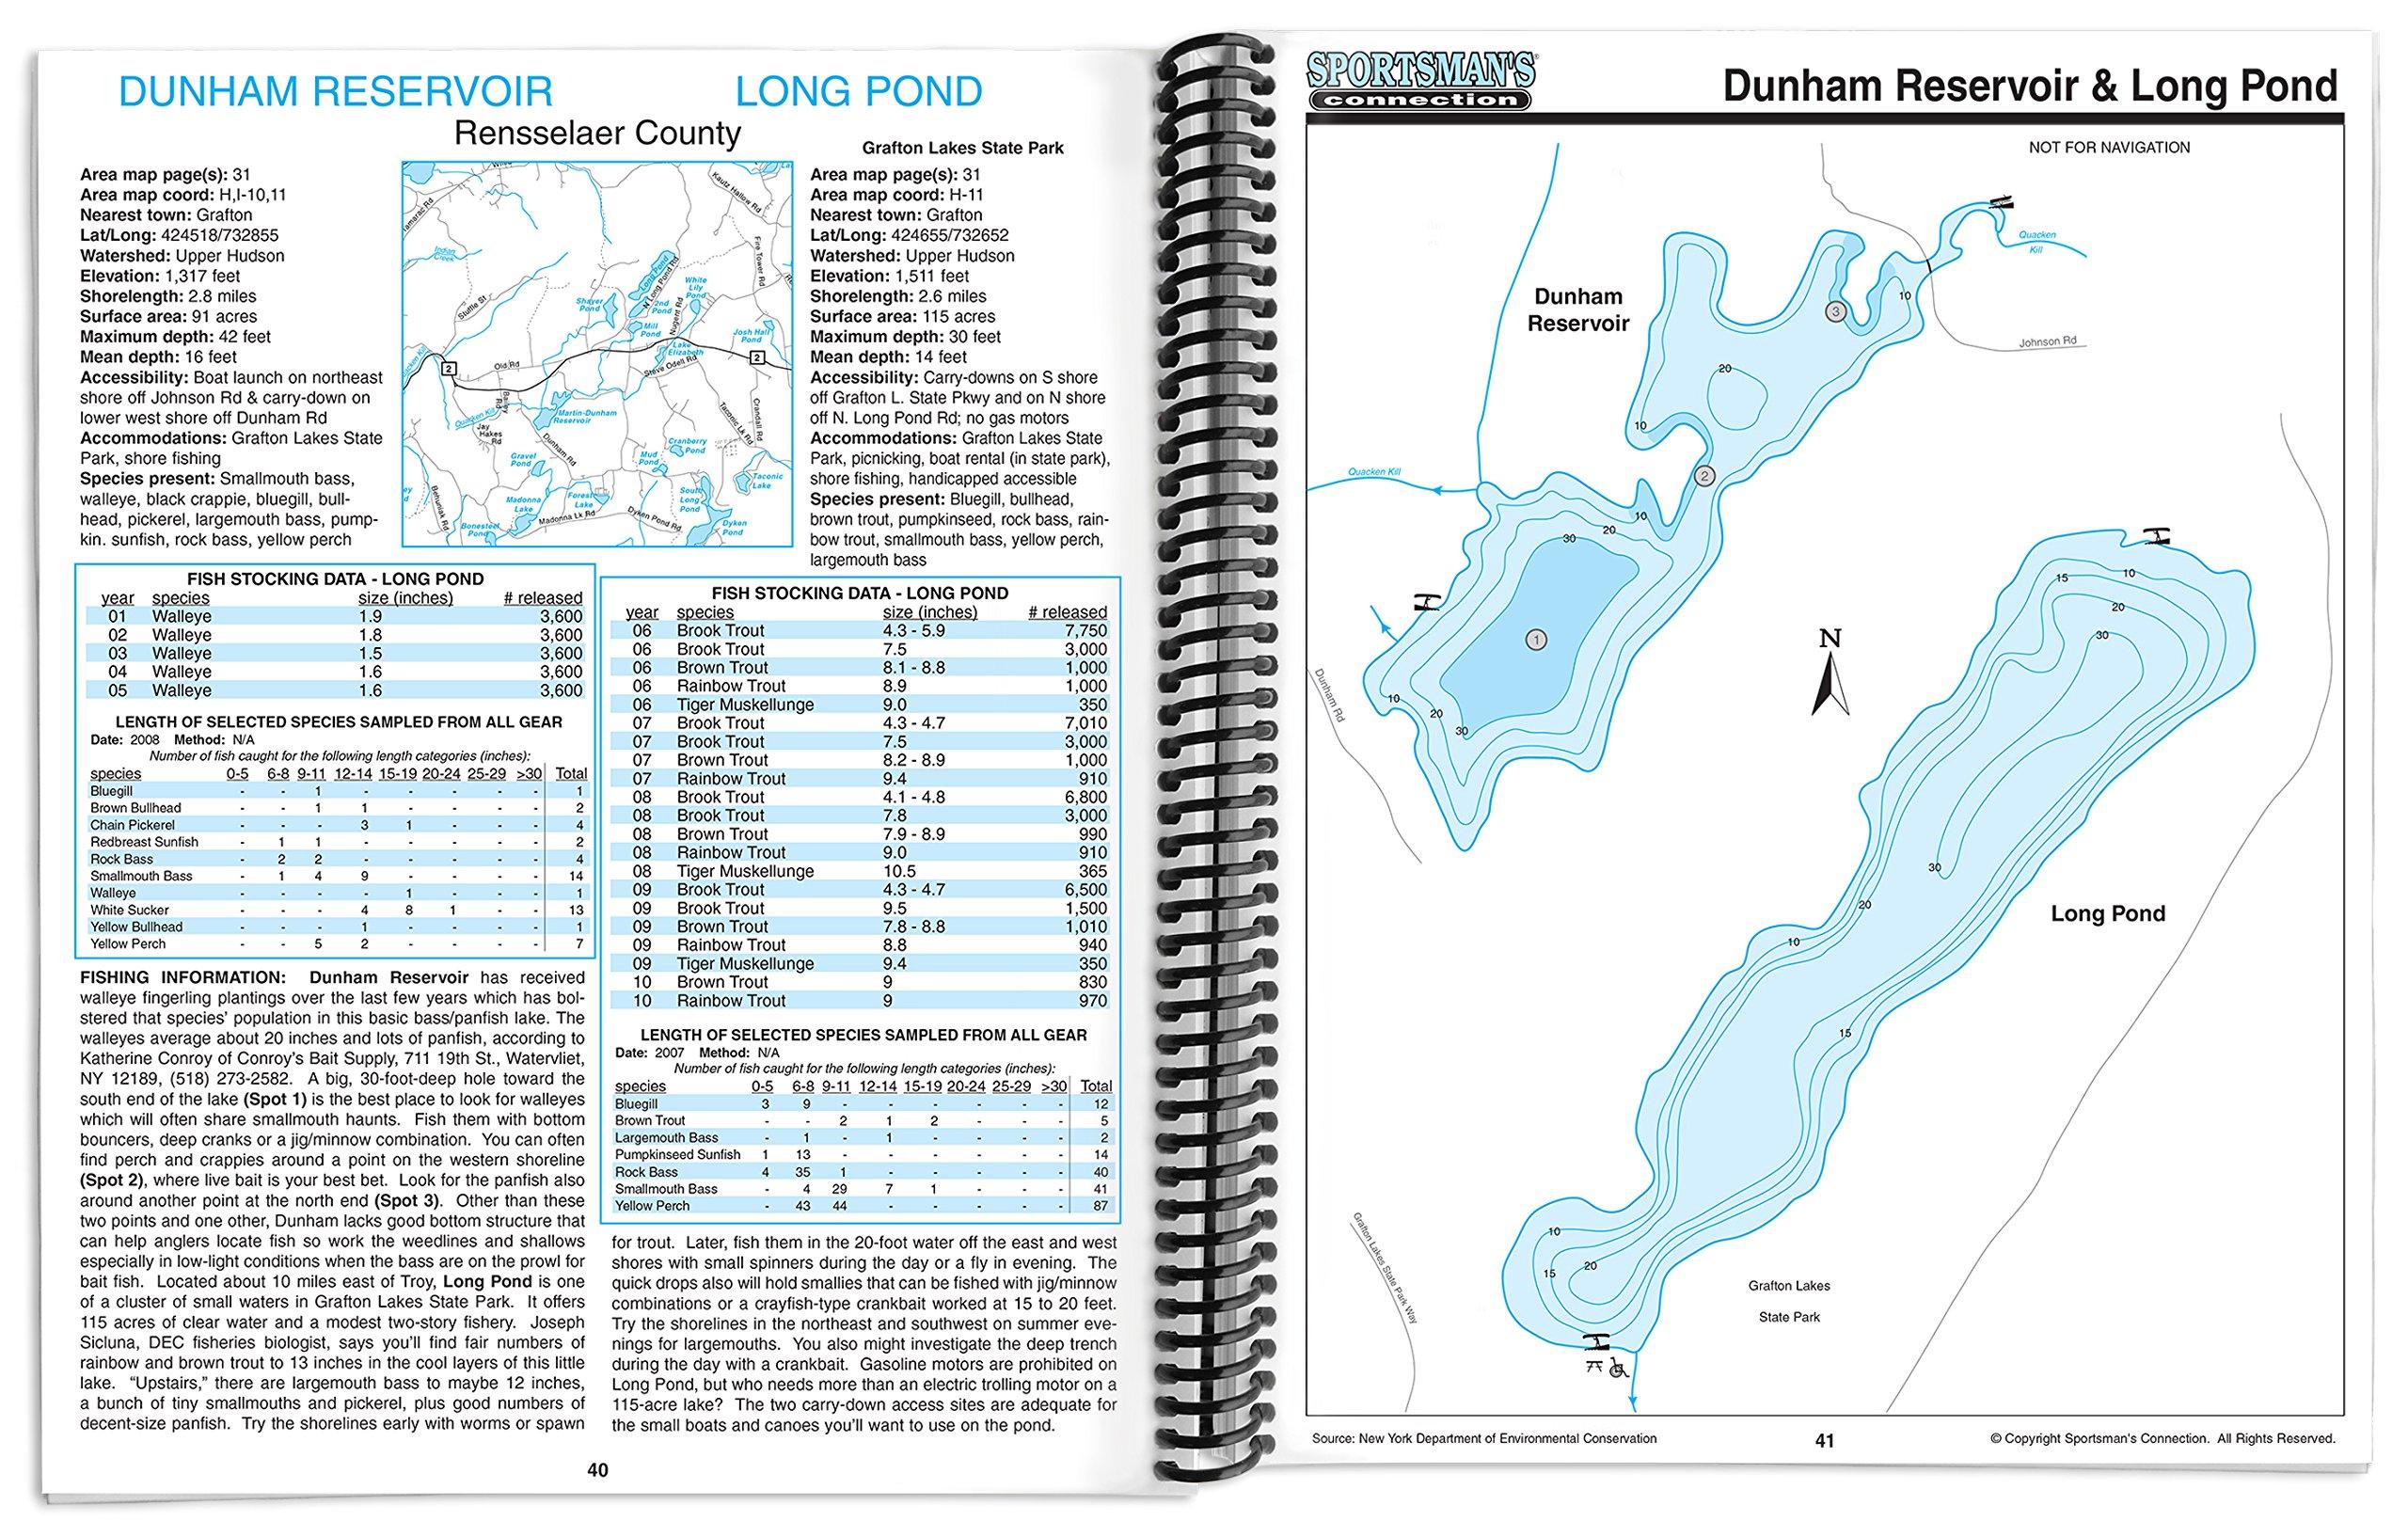 conesus lake fishing map Buy Southeastern New York Fishing Map Guide Fishing Maps Guides conesus lake fishing map